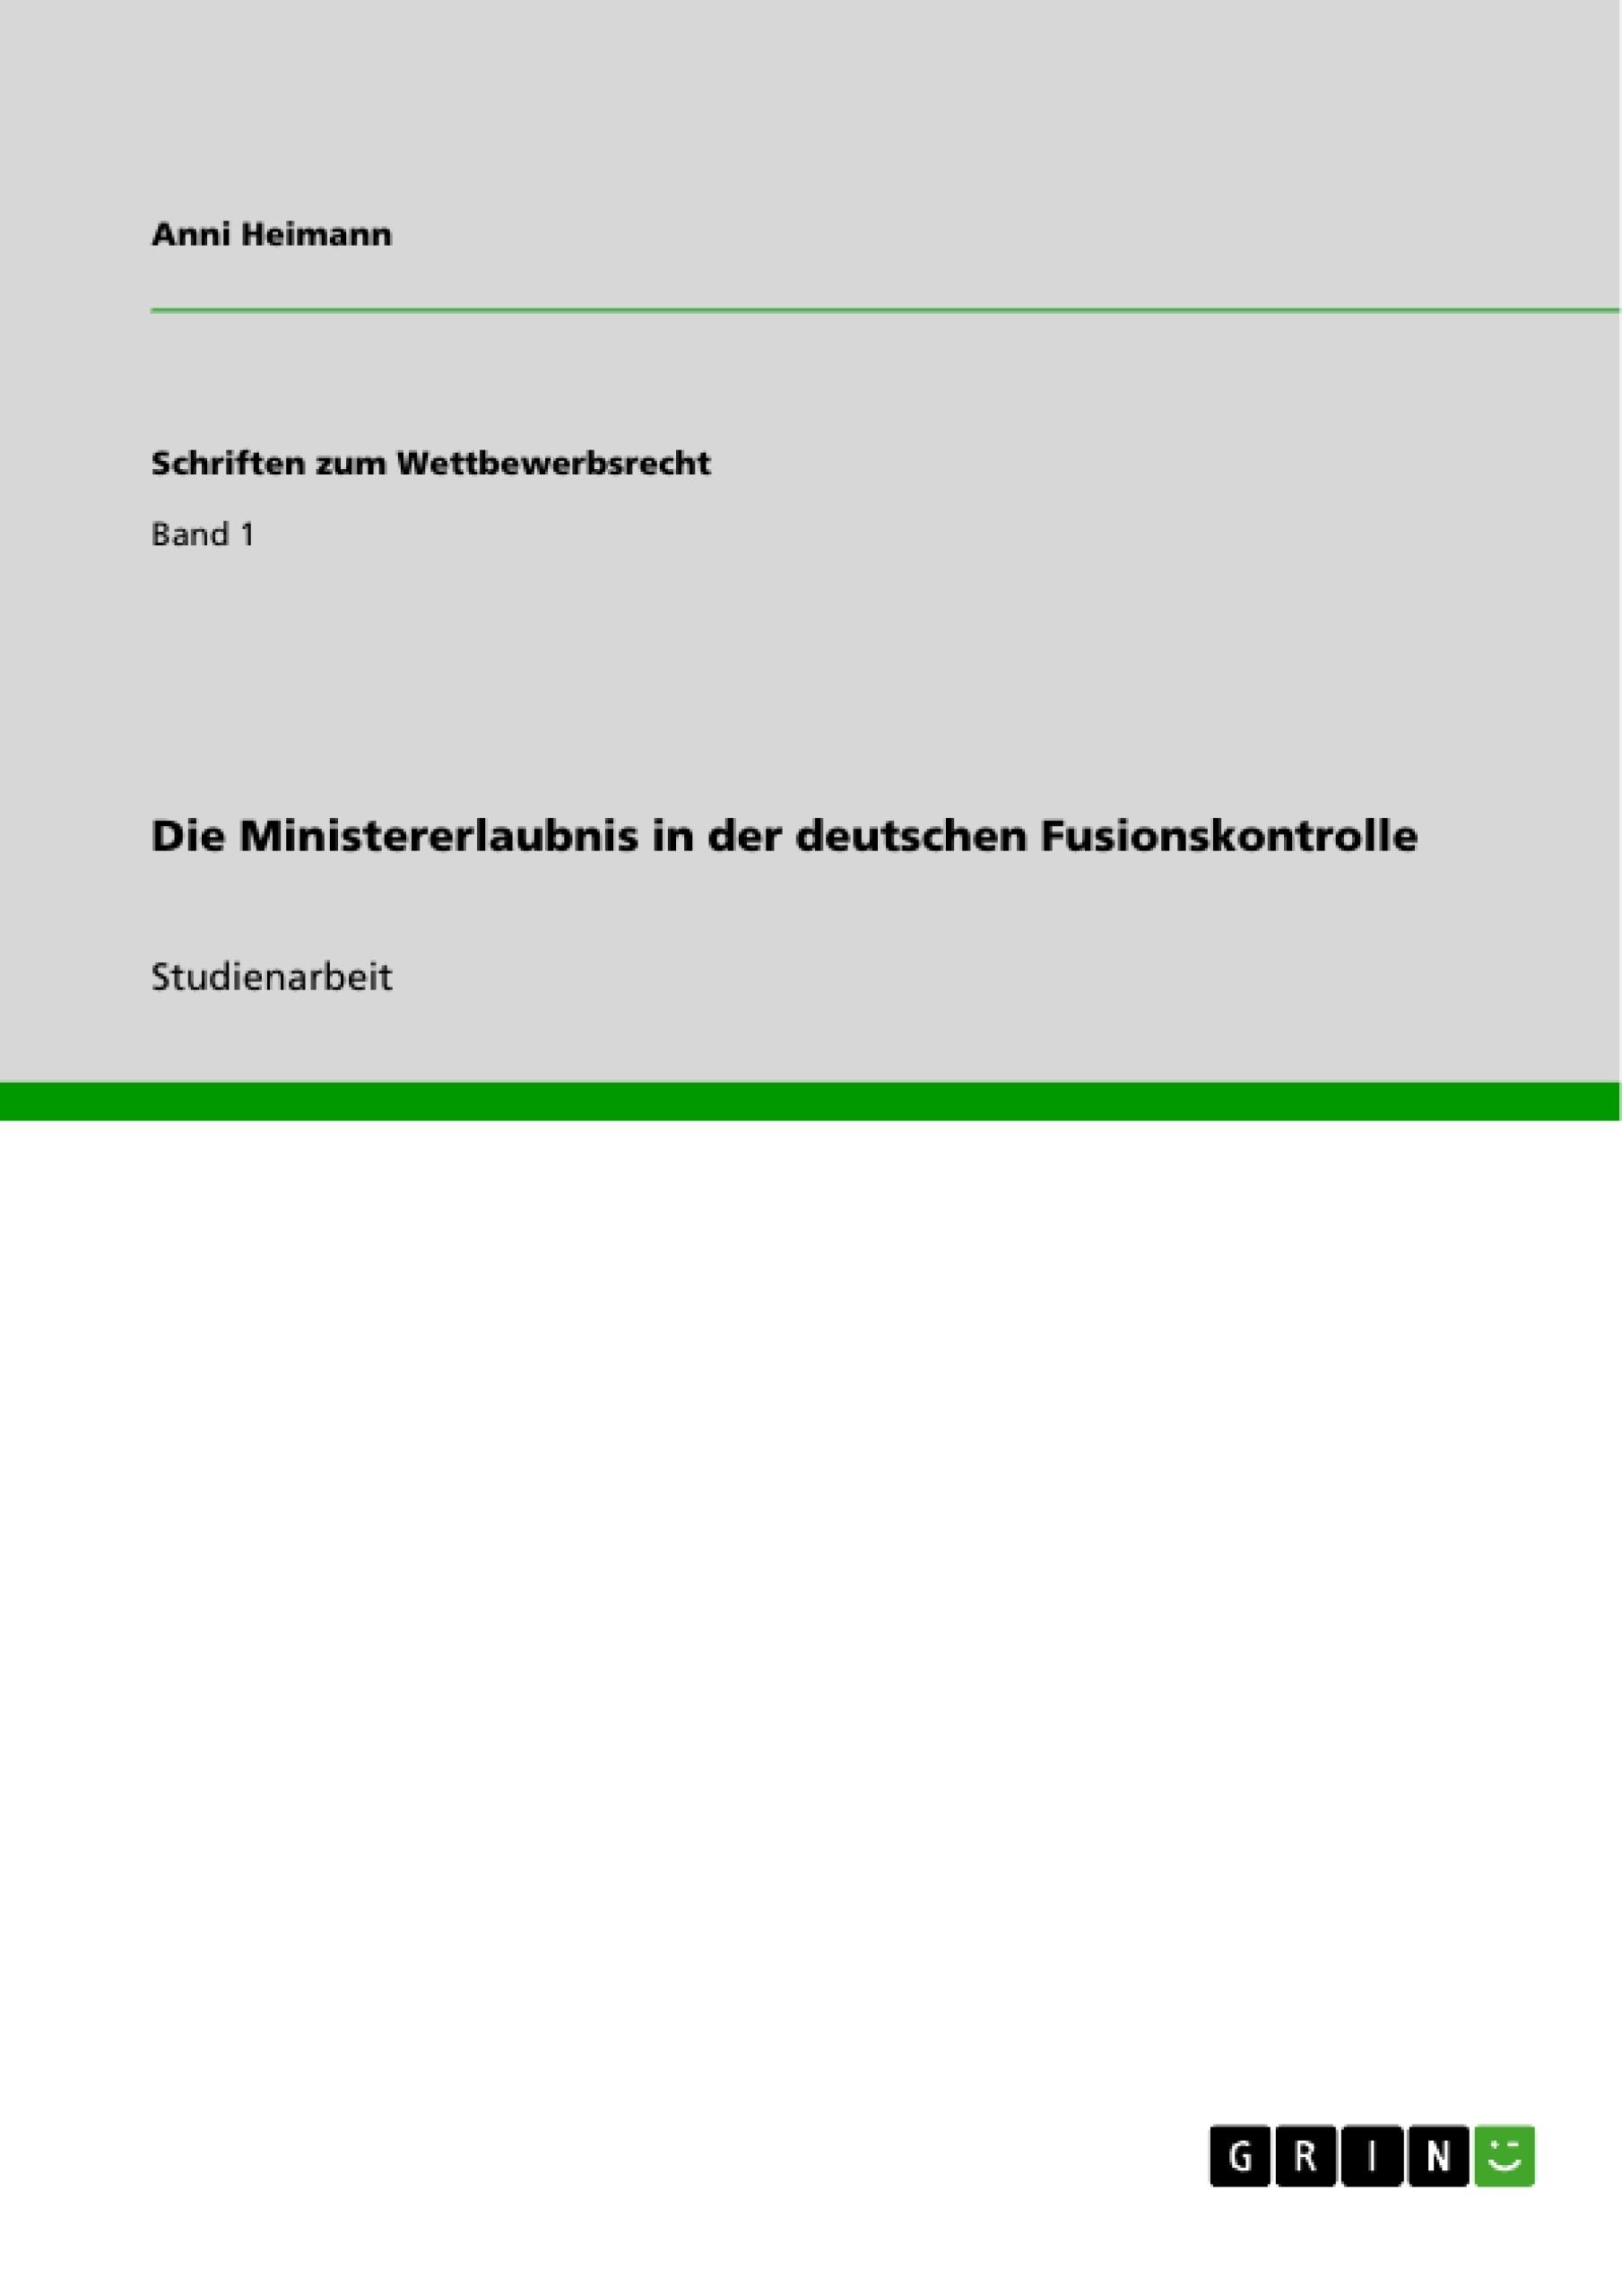 Titel: Die Ministererlaubnis in der deutschen Fusionskontrolle